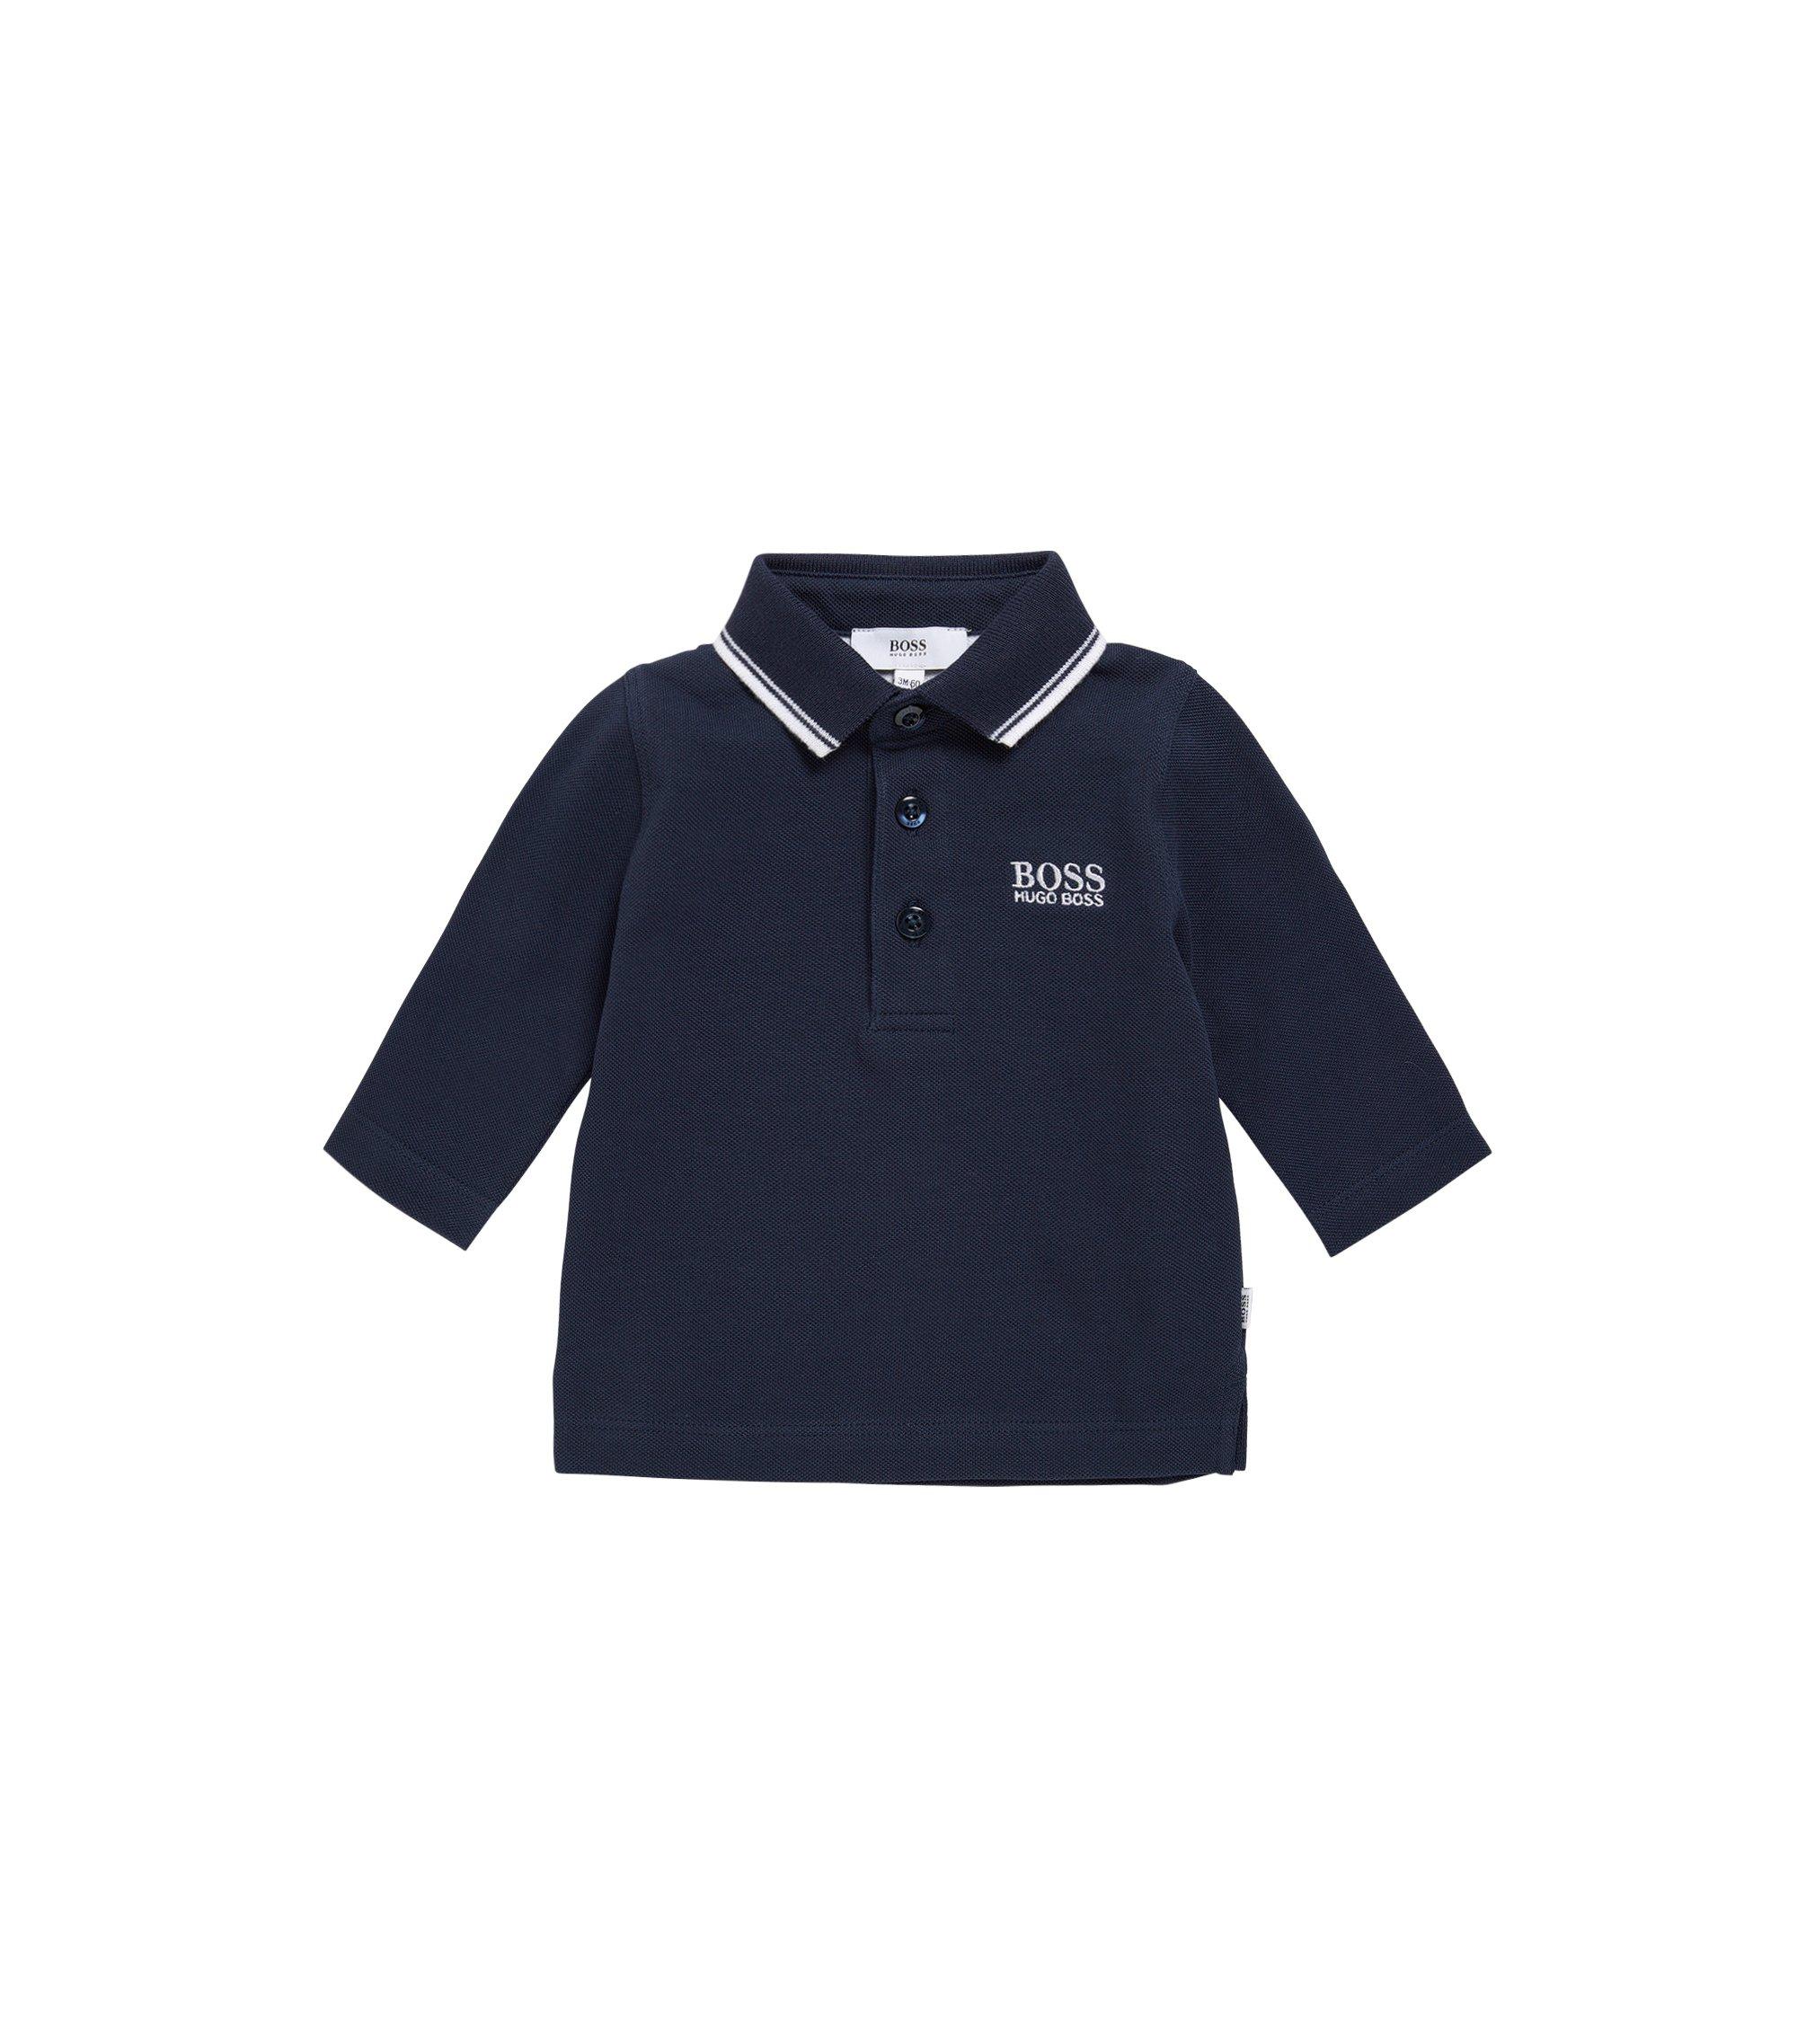 Kids-Poloshirt aus Baumwolle mit langen Ärmeln: 'J05V48', Dunkelblau